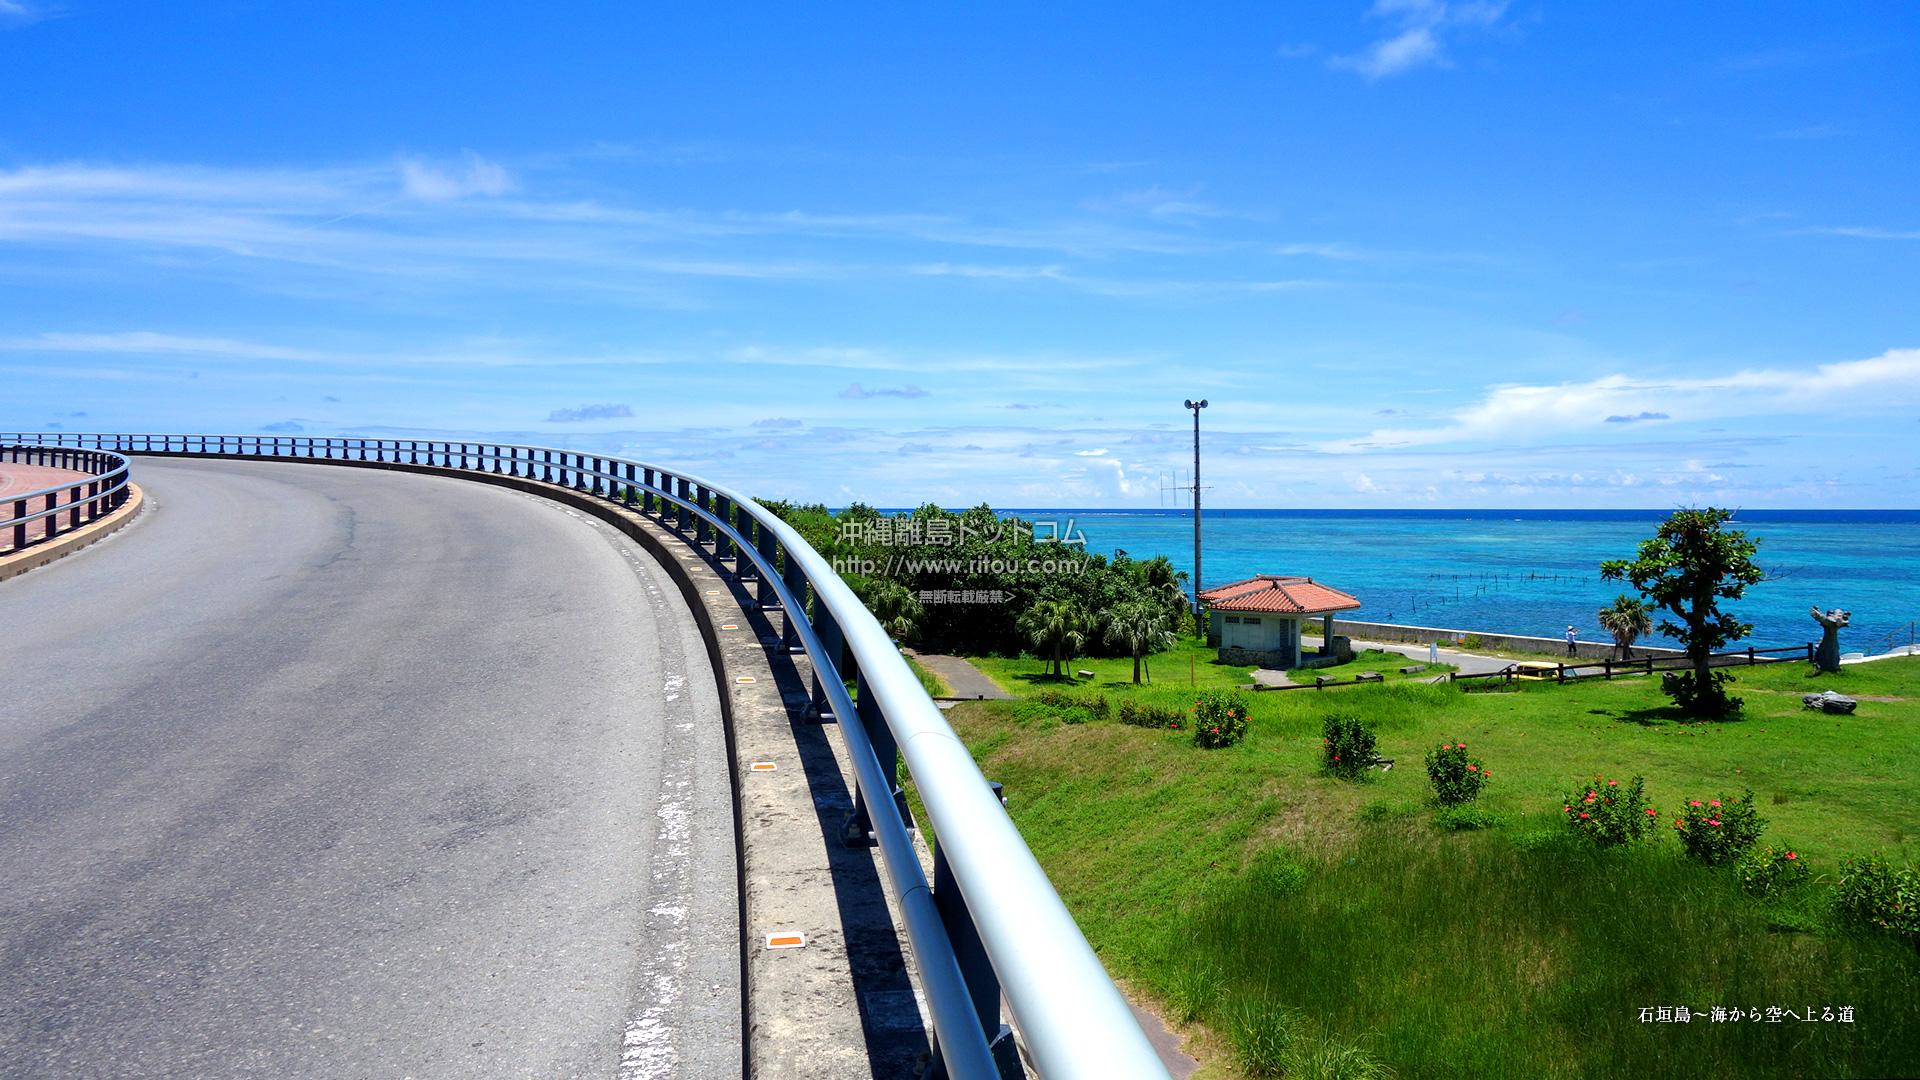 石垣島〜海から空へ上る道